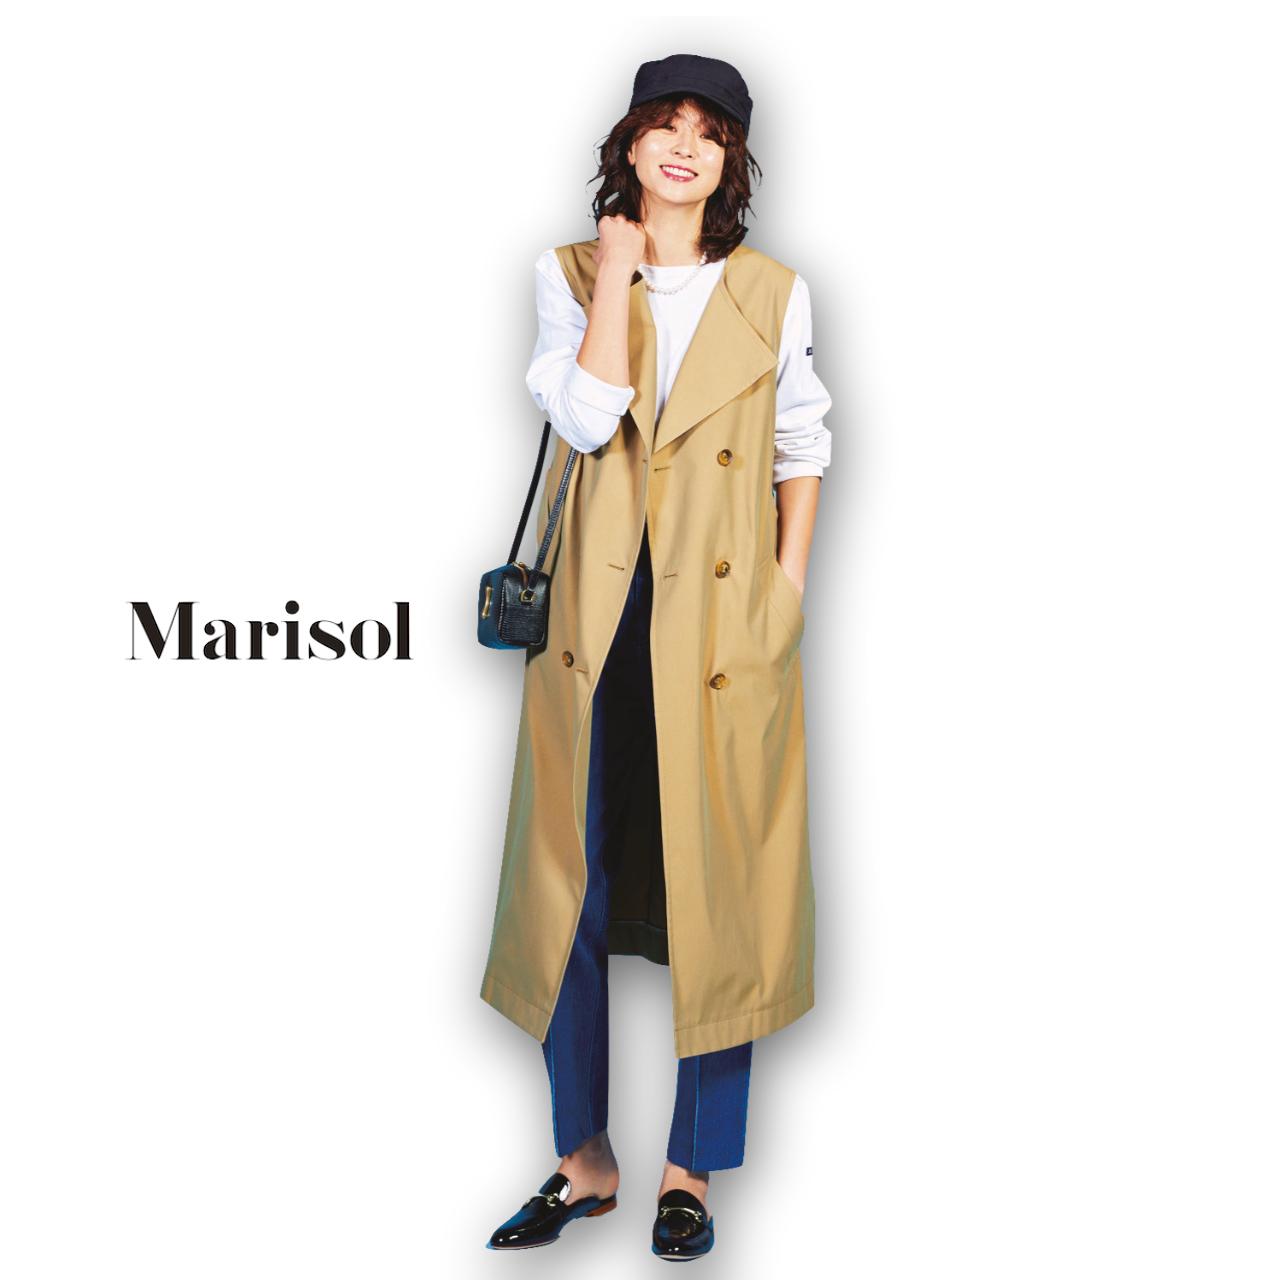 40代ファッショントレンチ風ジレ×パンツコーデ